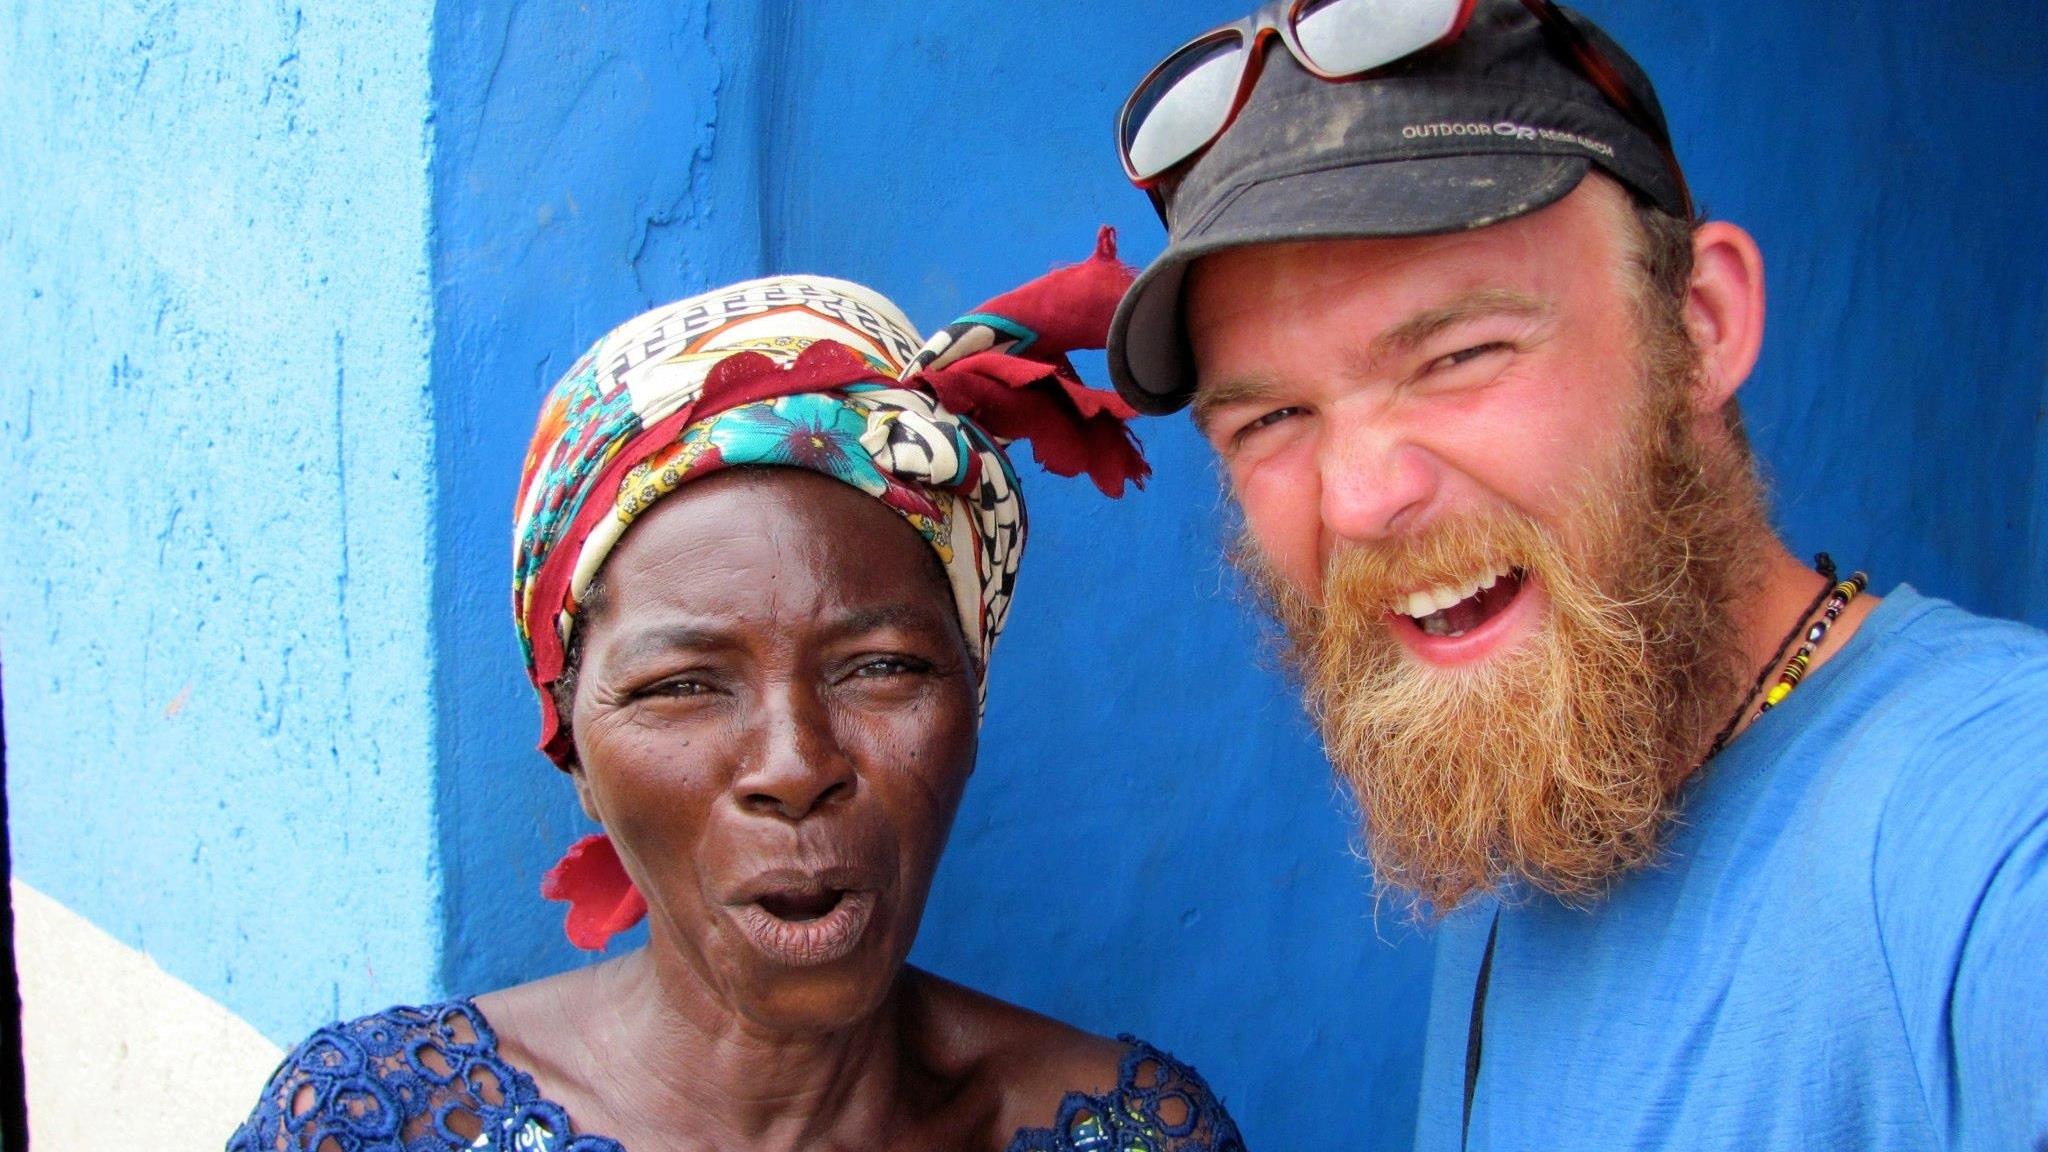 BAOBAB - Ghana